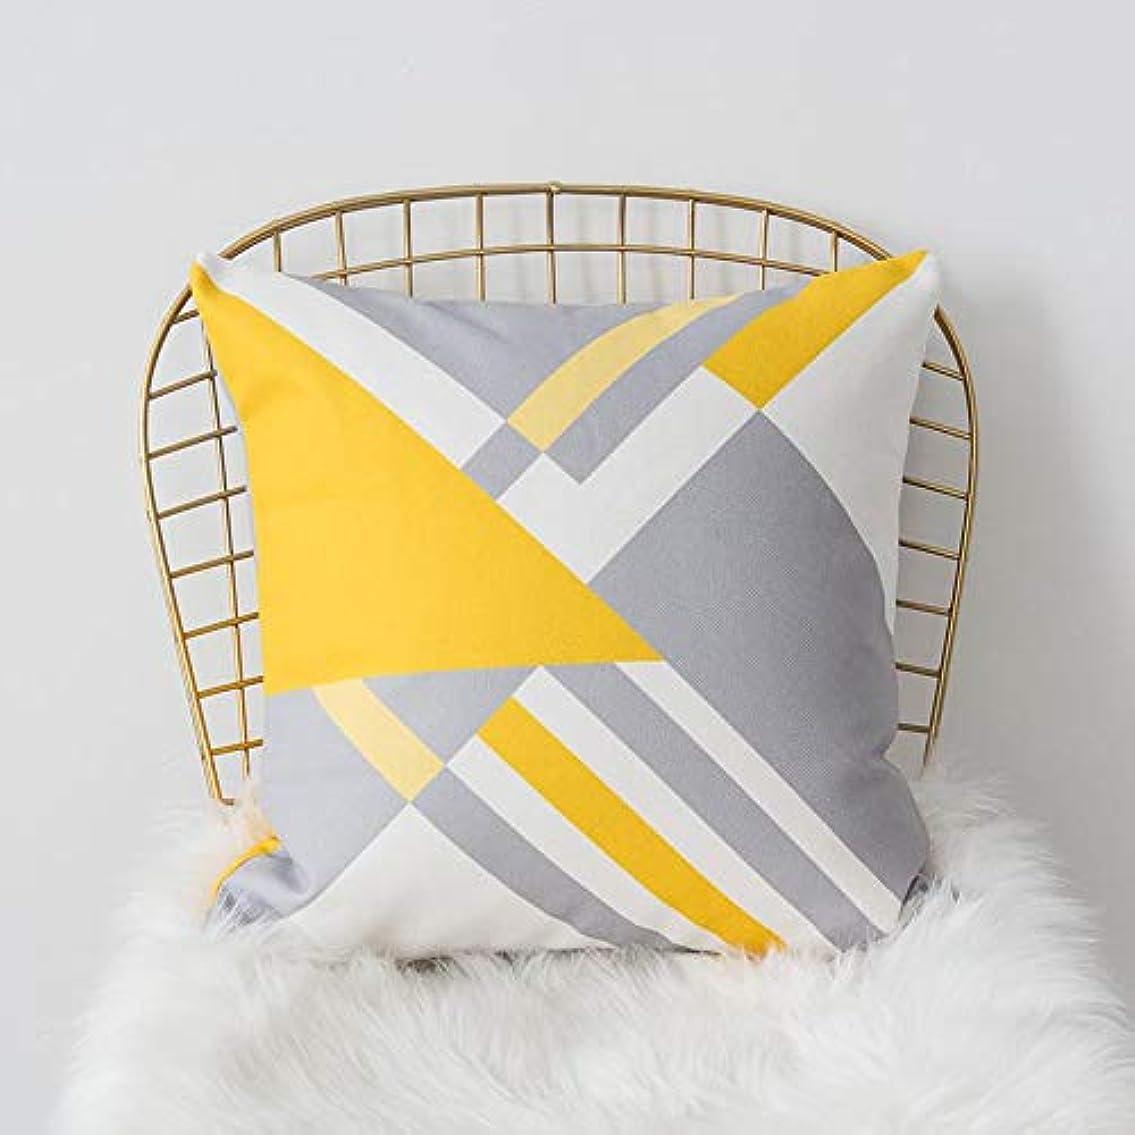 状態考案するやりすぎLIFE 黄色グレー枕北欧スタイル黄色ヘラジカ幾何枕リビングルームのインテリアソファクッション Cojines 装飾良質 クッション 椅子